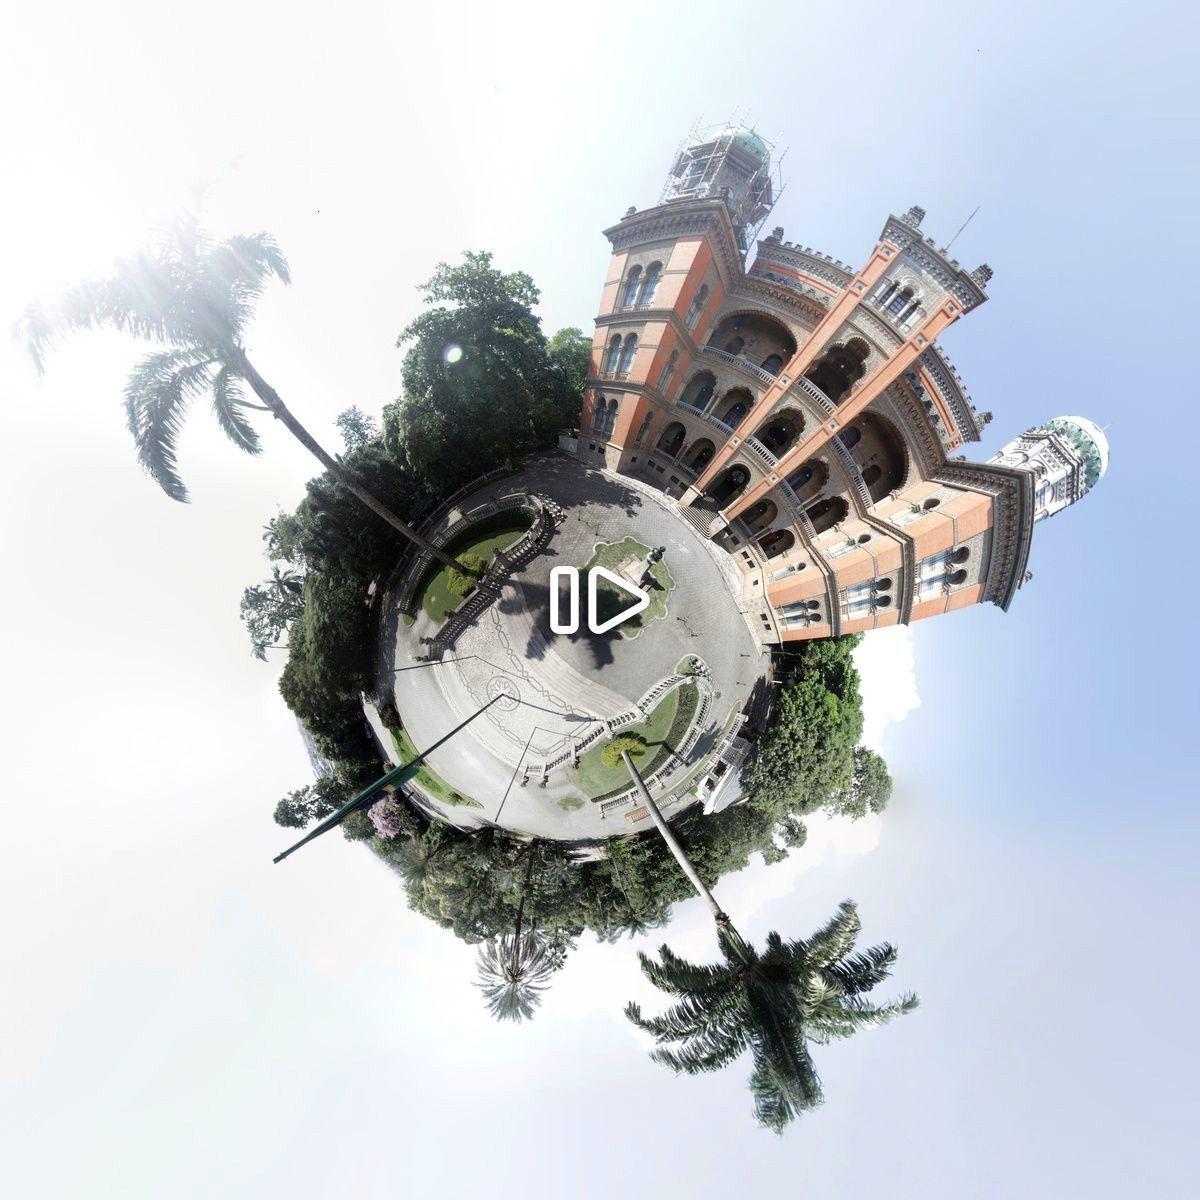 Planet no Castelo da Fiocruz Rio de Janeiro Brasil Planet no Castelo da Fiocruz, Rio de Janeiro, BrasilLittle Planet no Castelo da Fiocruz, Rio de Janeiro, BrasilPlanet no Castelo da Fiocruz, Rio de Janeiro, BrasilLittle Planet no Castelo da Fiocruz, Rio de Janeiro, Brasil